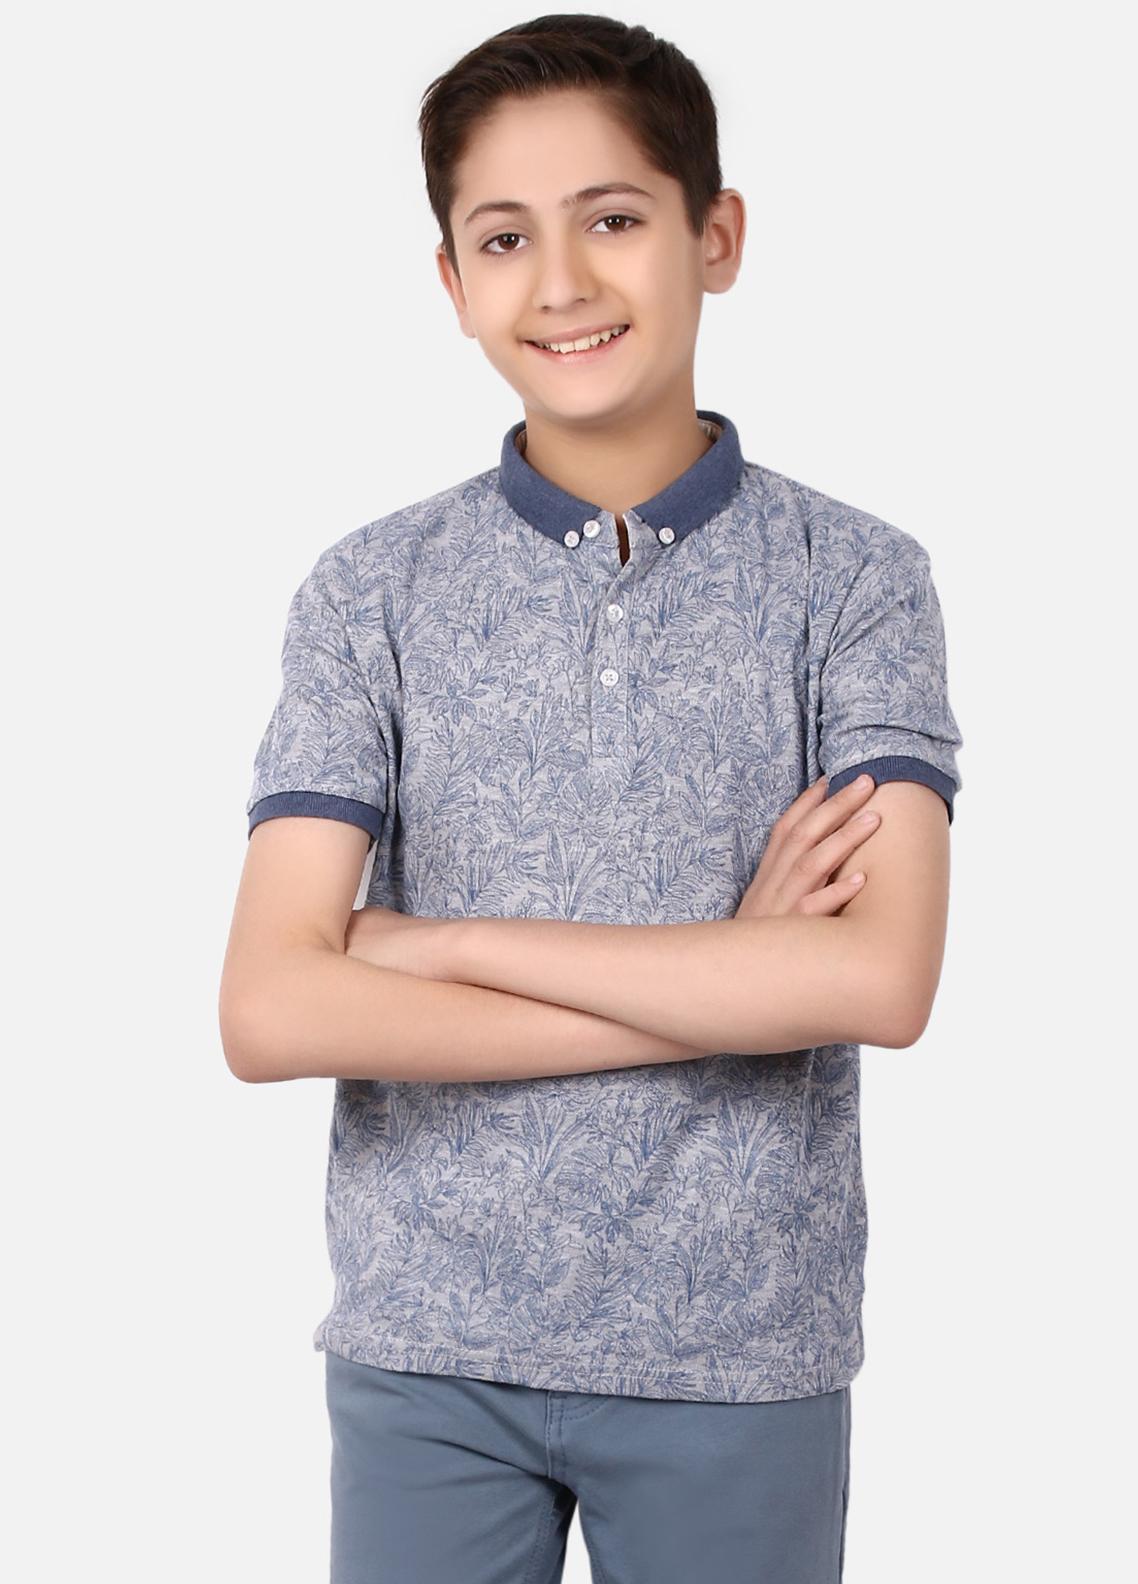 Edenrobe Cotton Polo Shirts for Boys - Blue EBTPS19-012